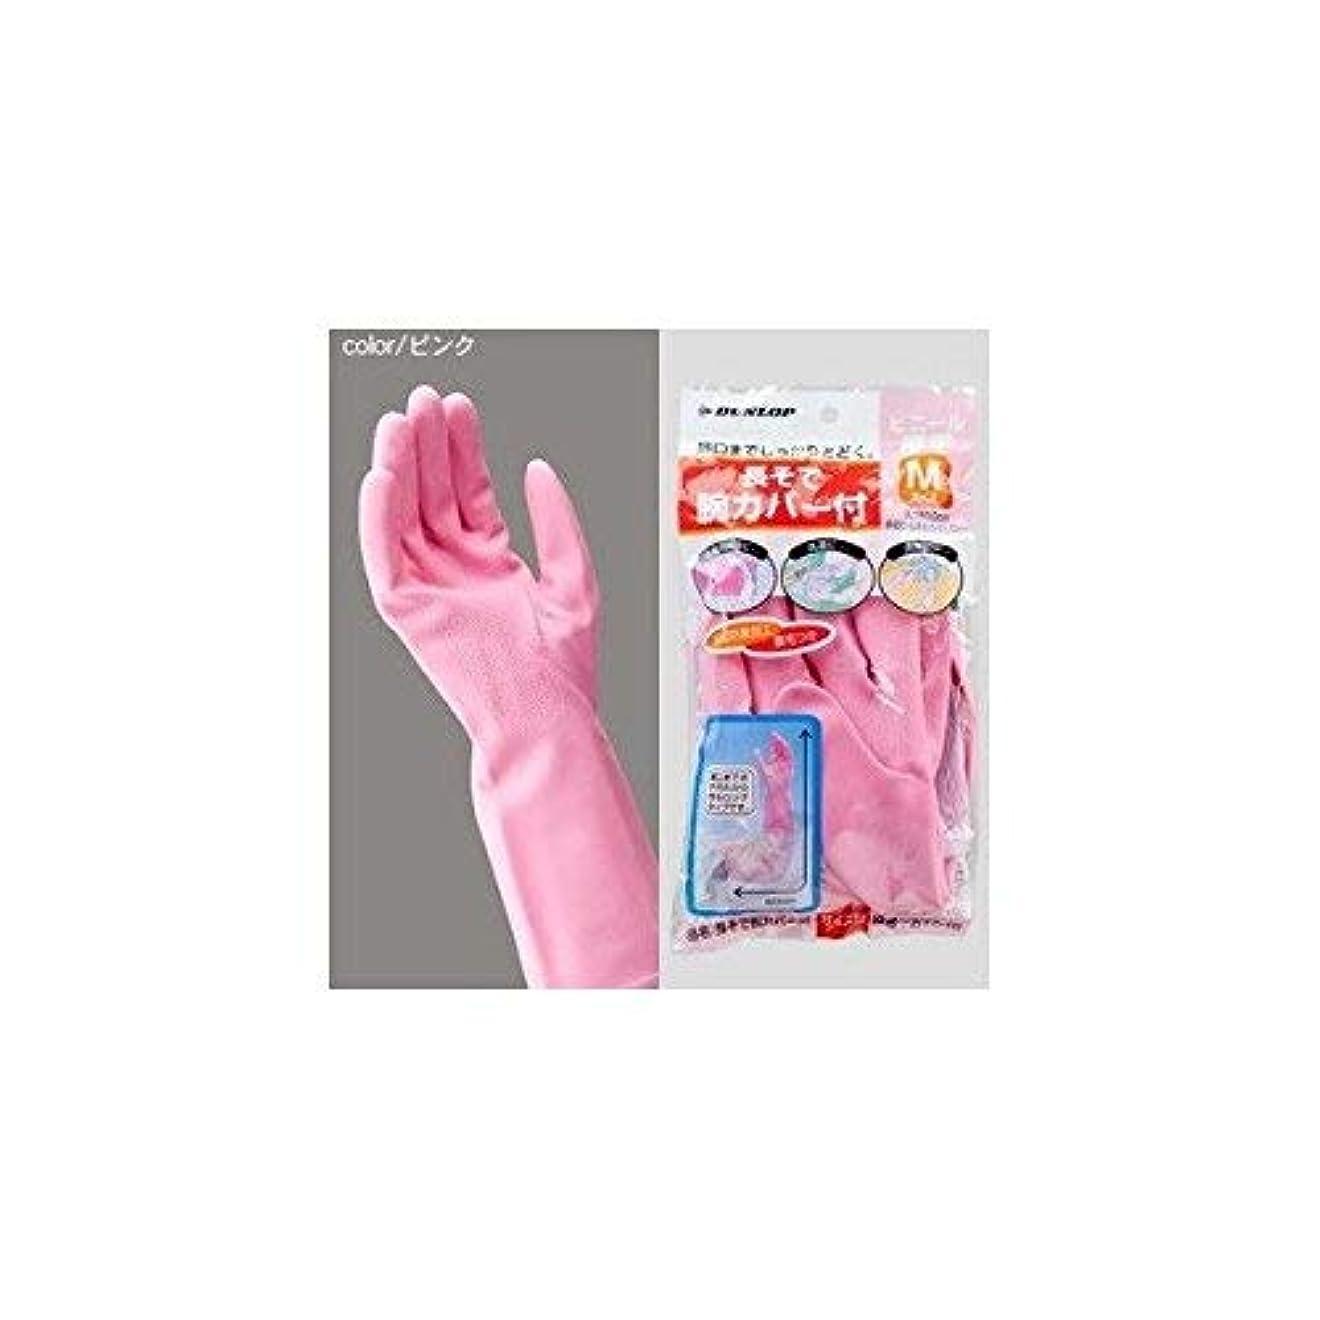 人に関する限り石油性別ダンロップ ビニール手袋 厚手腕カバー付 M ピンク ×30個